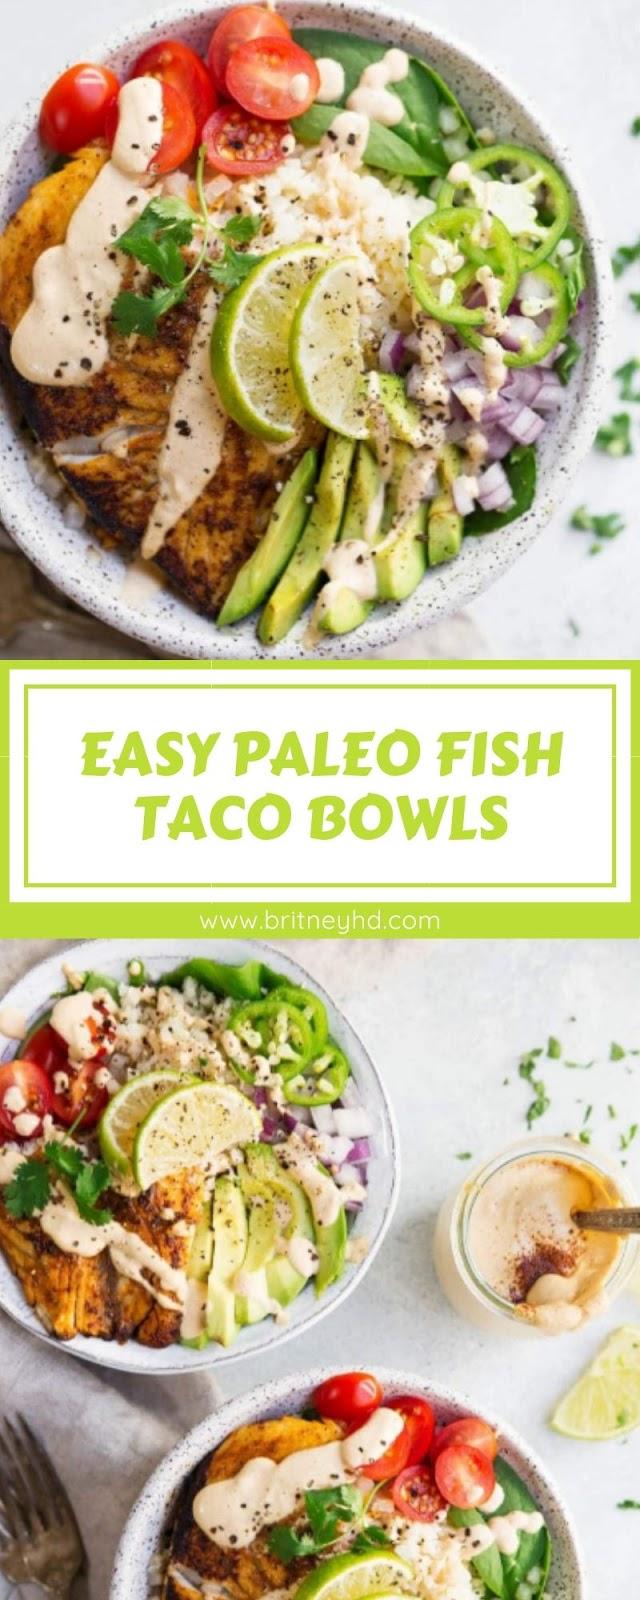 EASY PALEO FISH TACO BOWLS